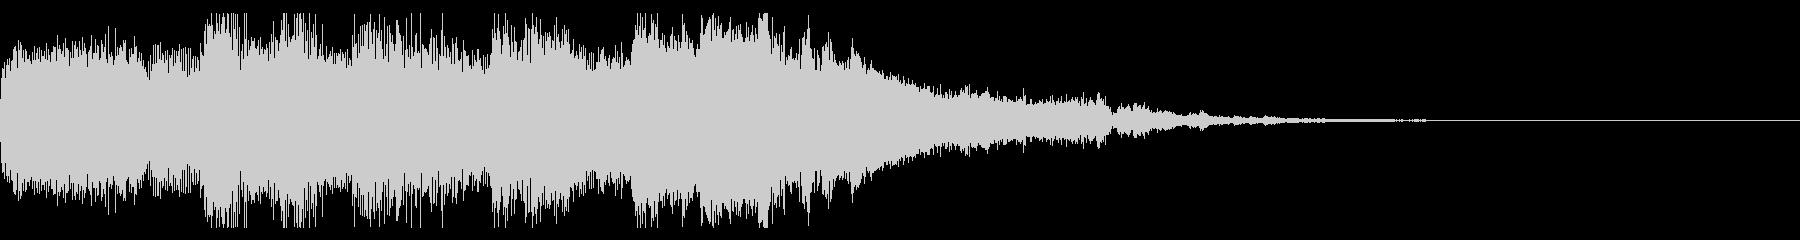 シンセサイザーとピアノの癒し系ジングルの未再生の波形